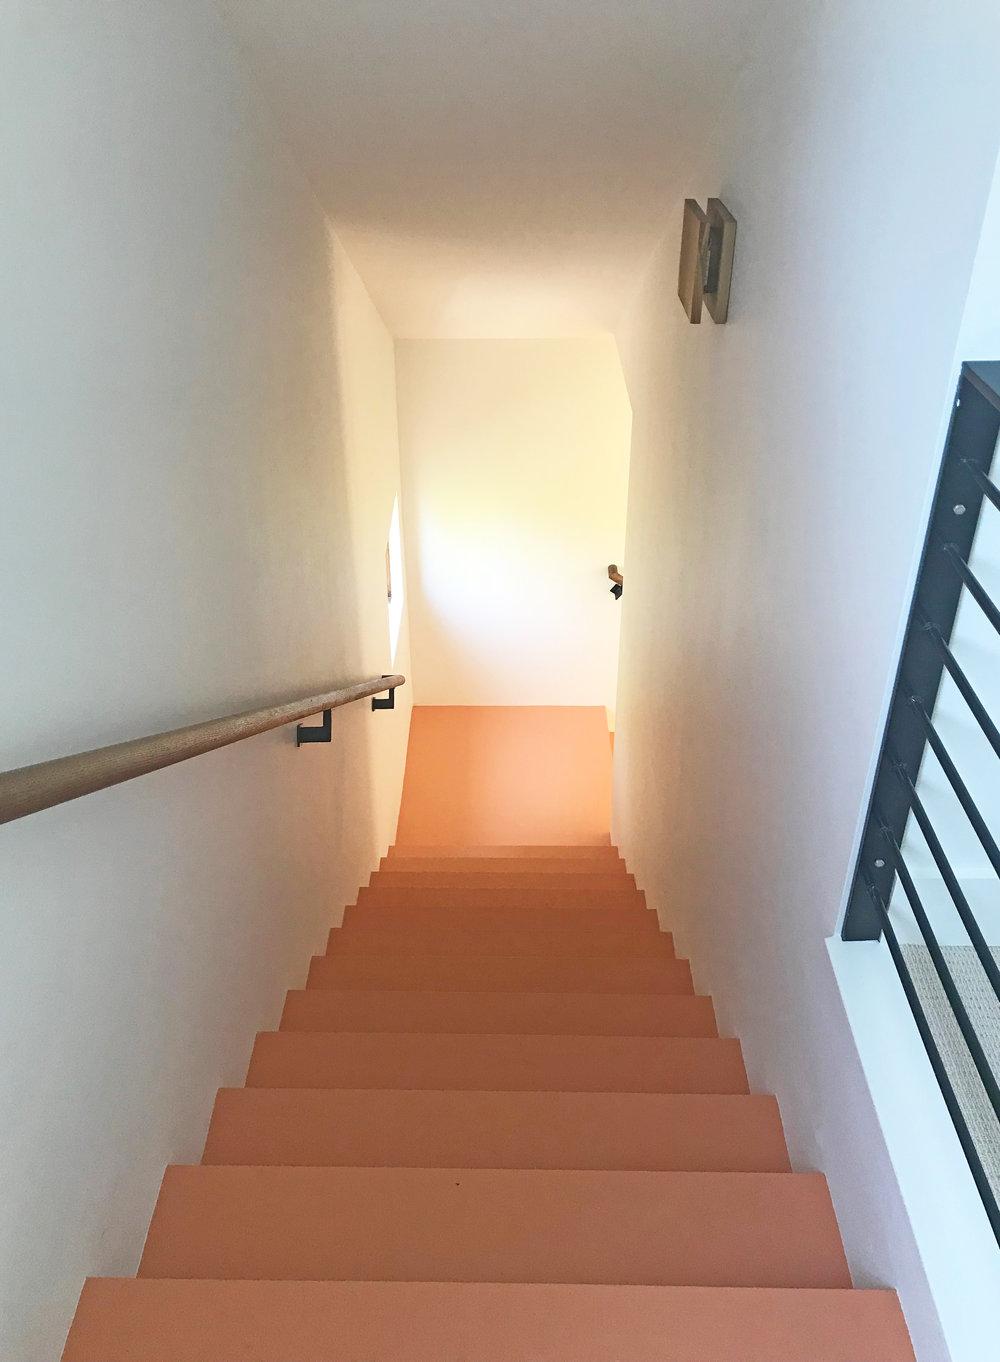 11d-Eva stair 2.jpg